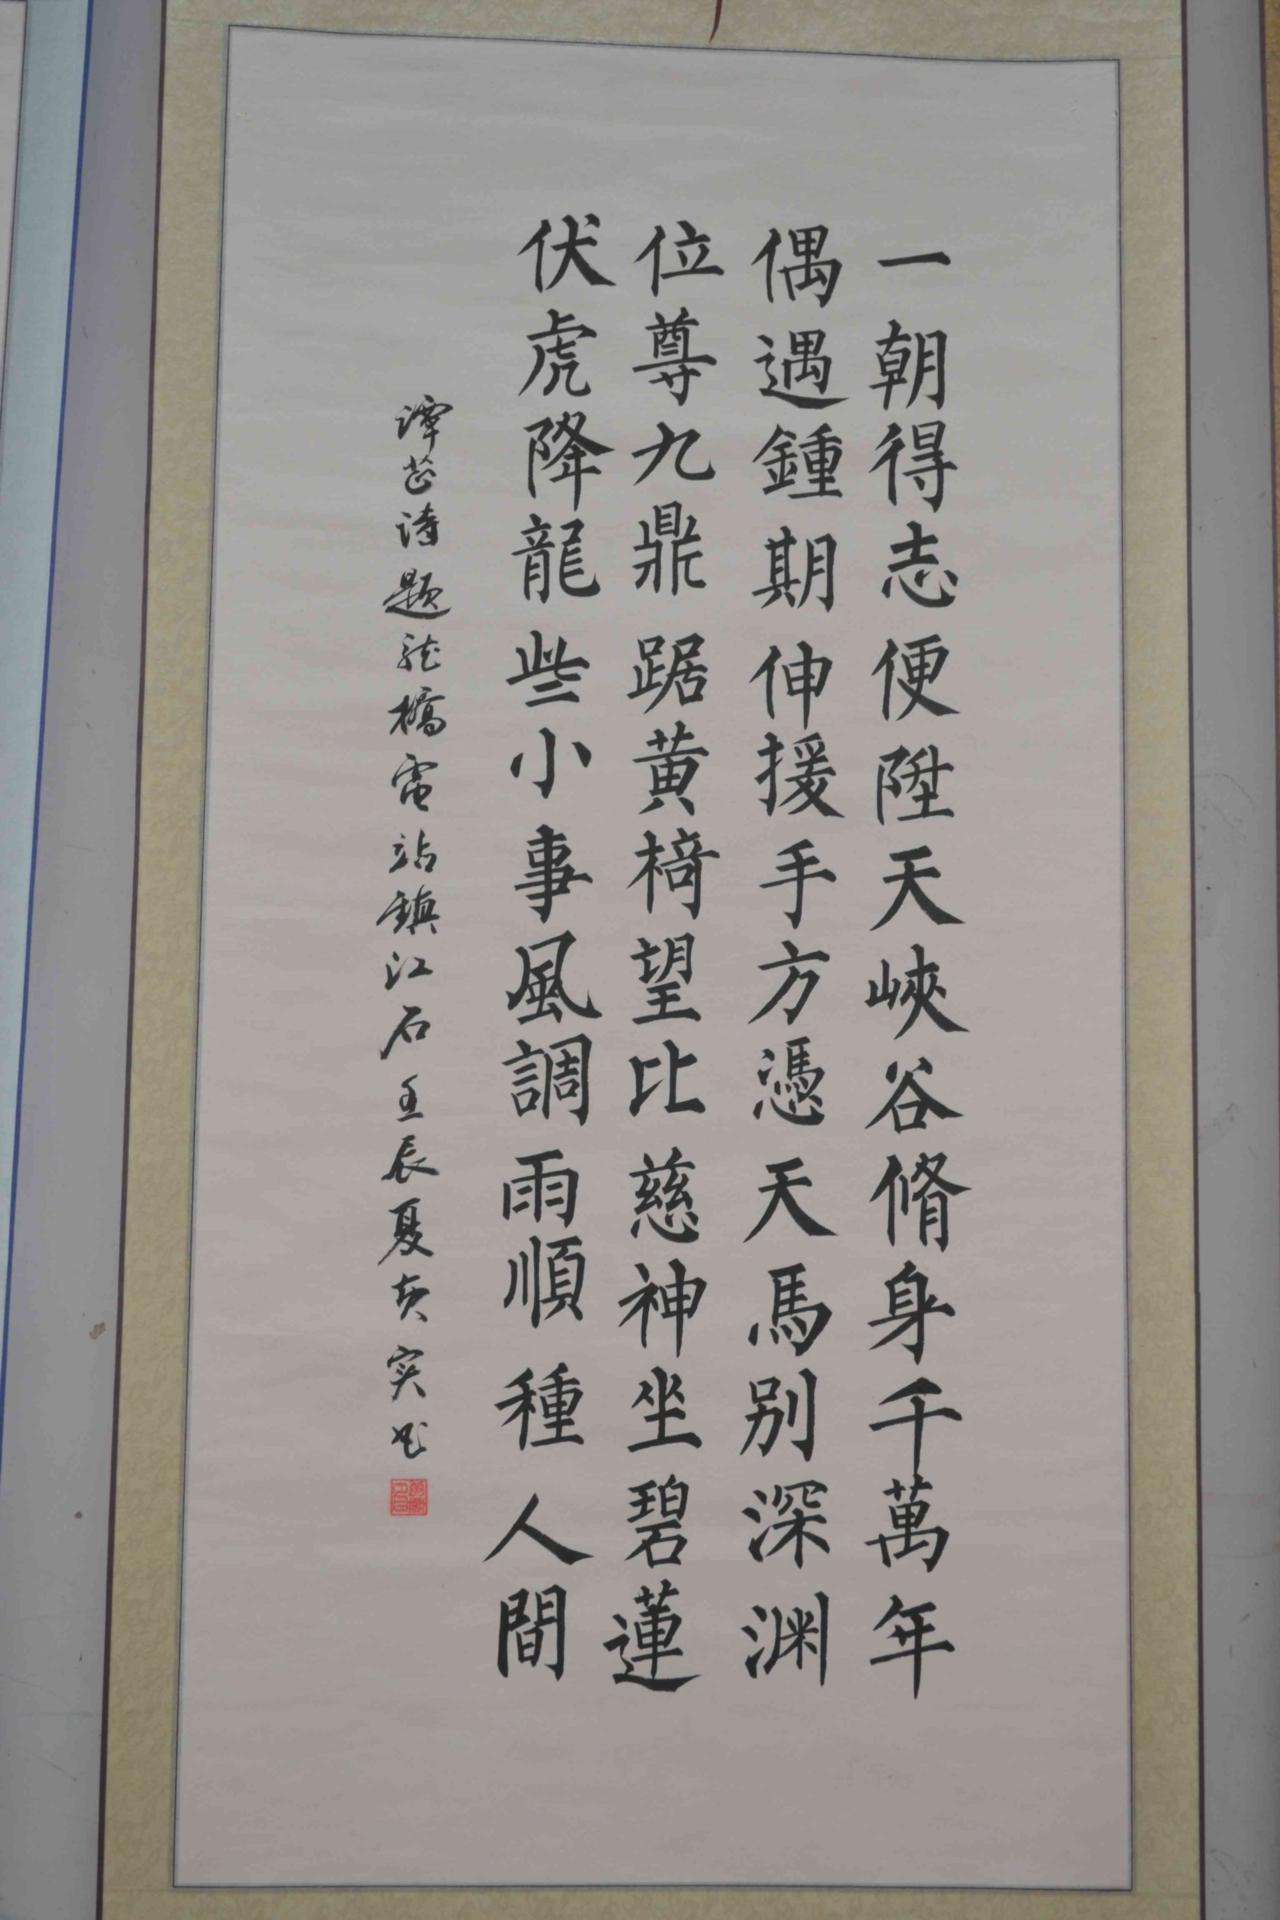 锦绣利川百幅诗词书画作品大家评【6】